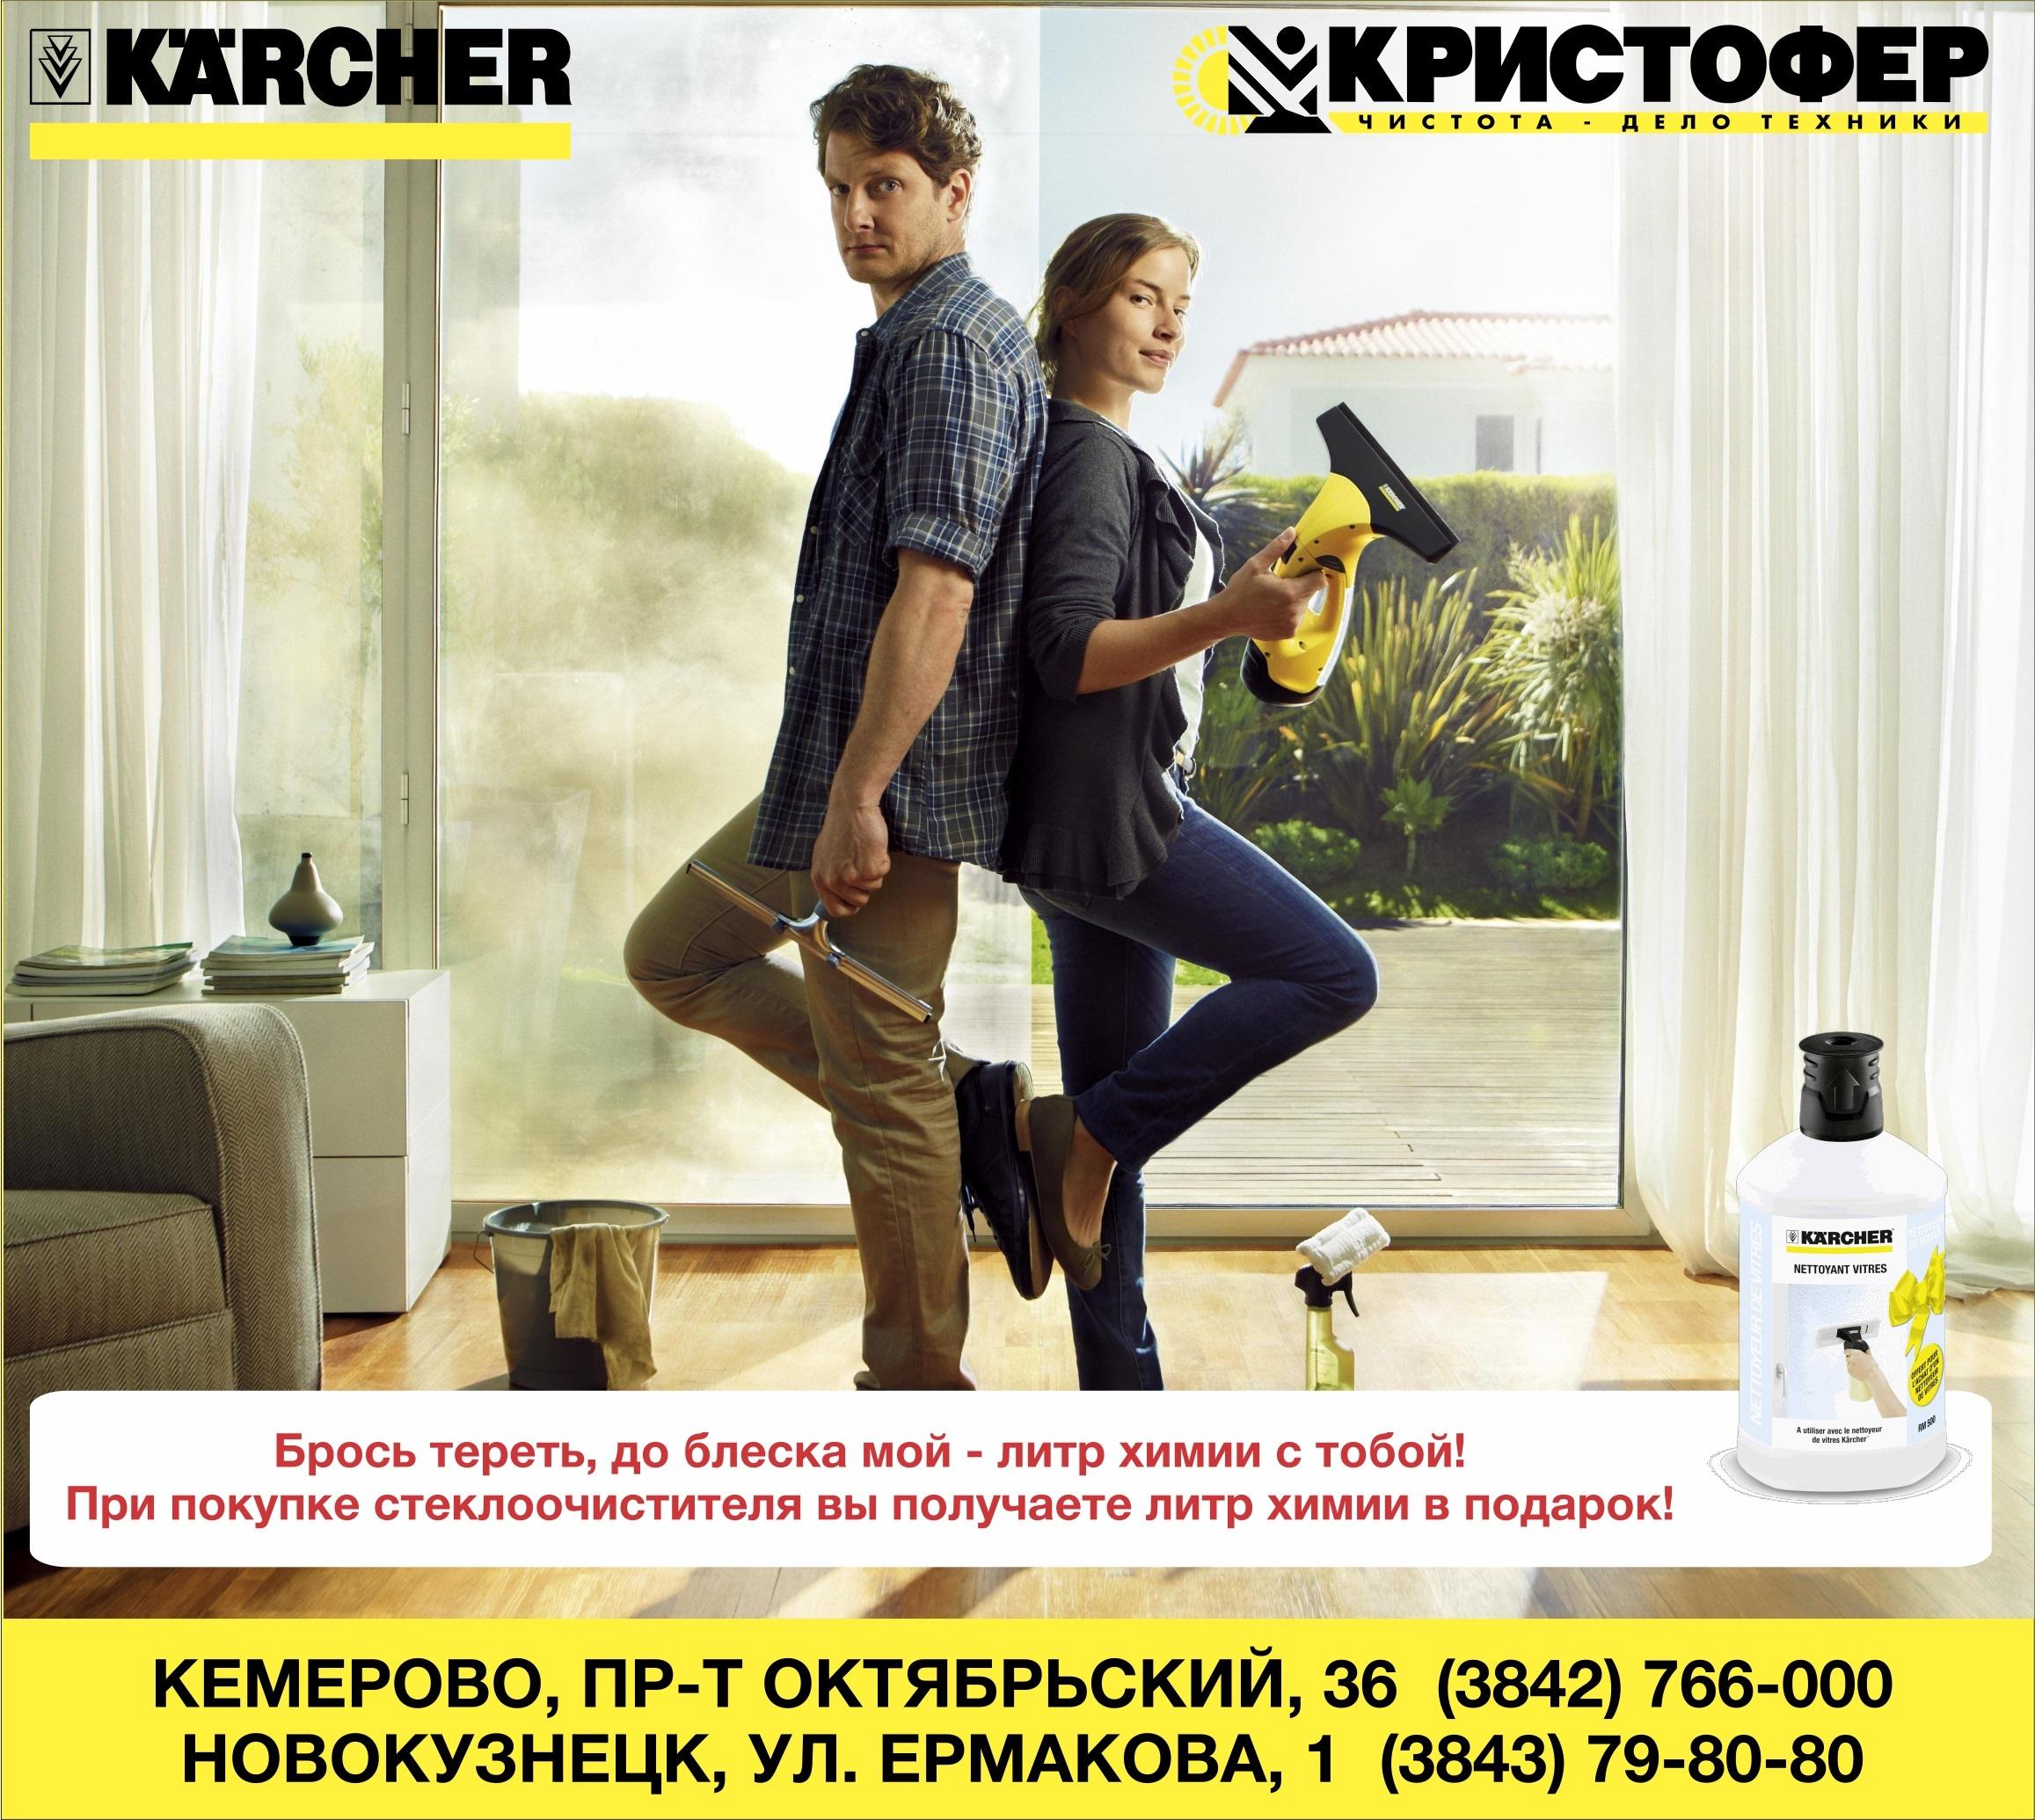 Купить Мойщик окон Karcher в Кемерово